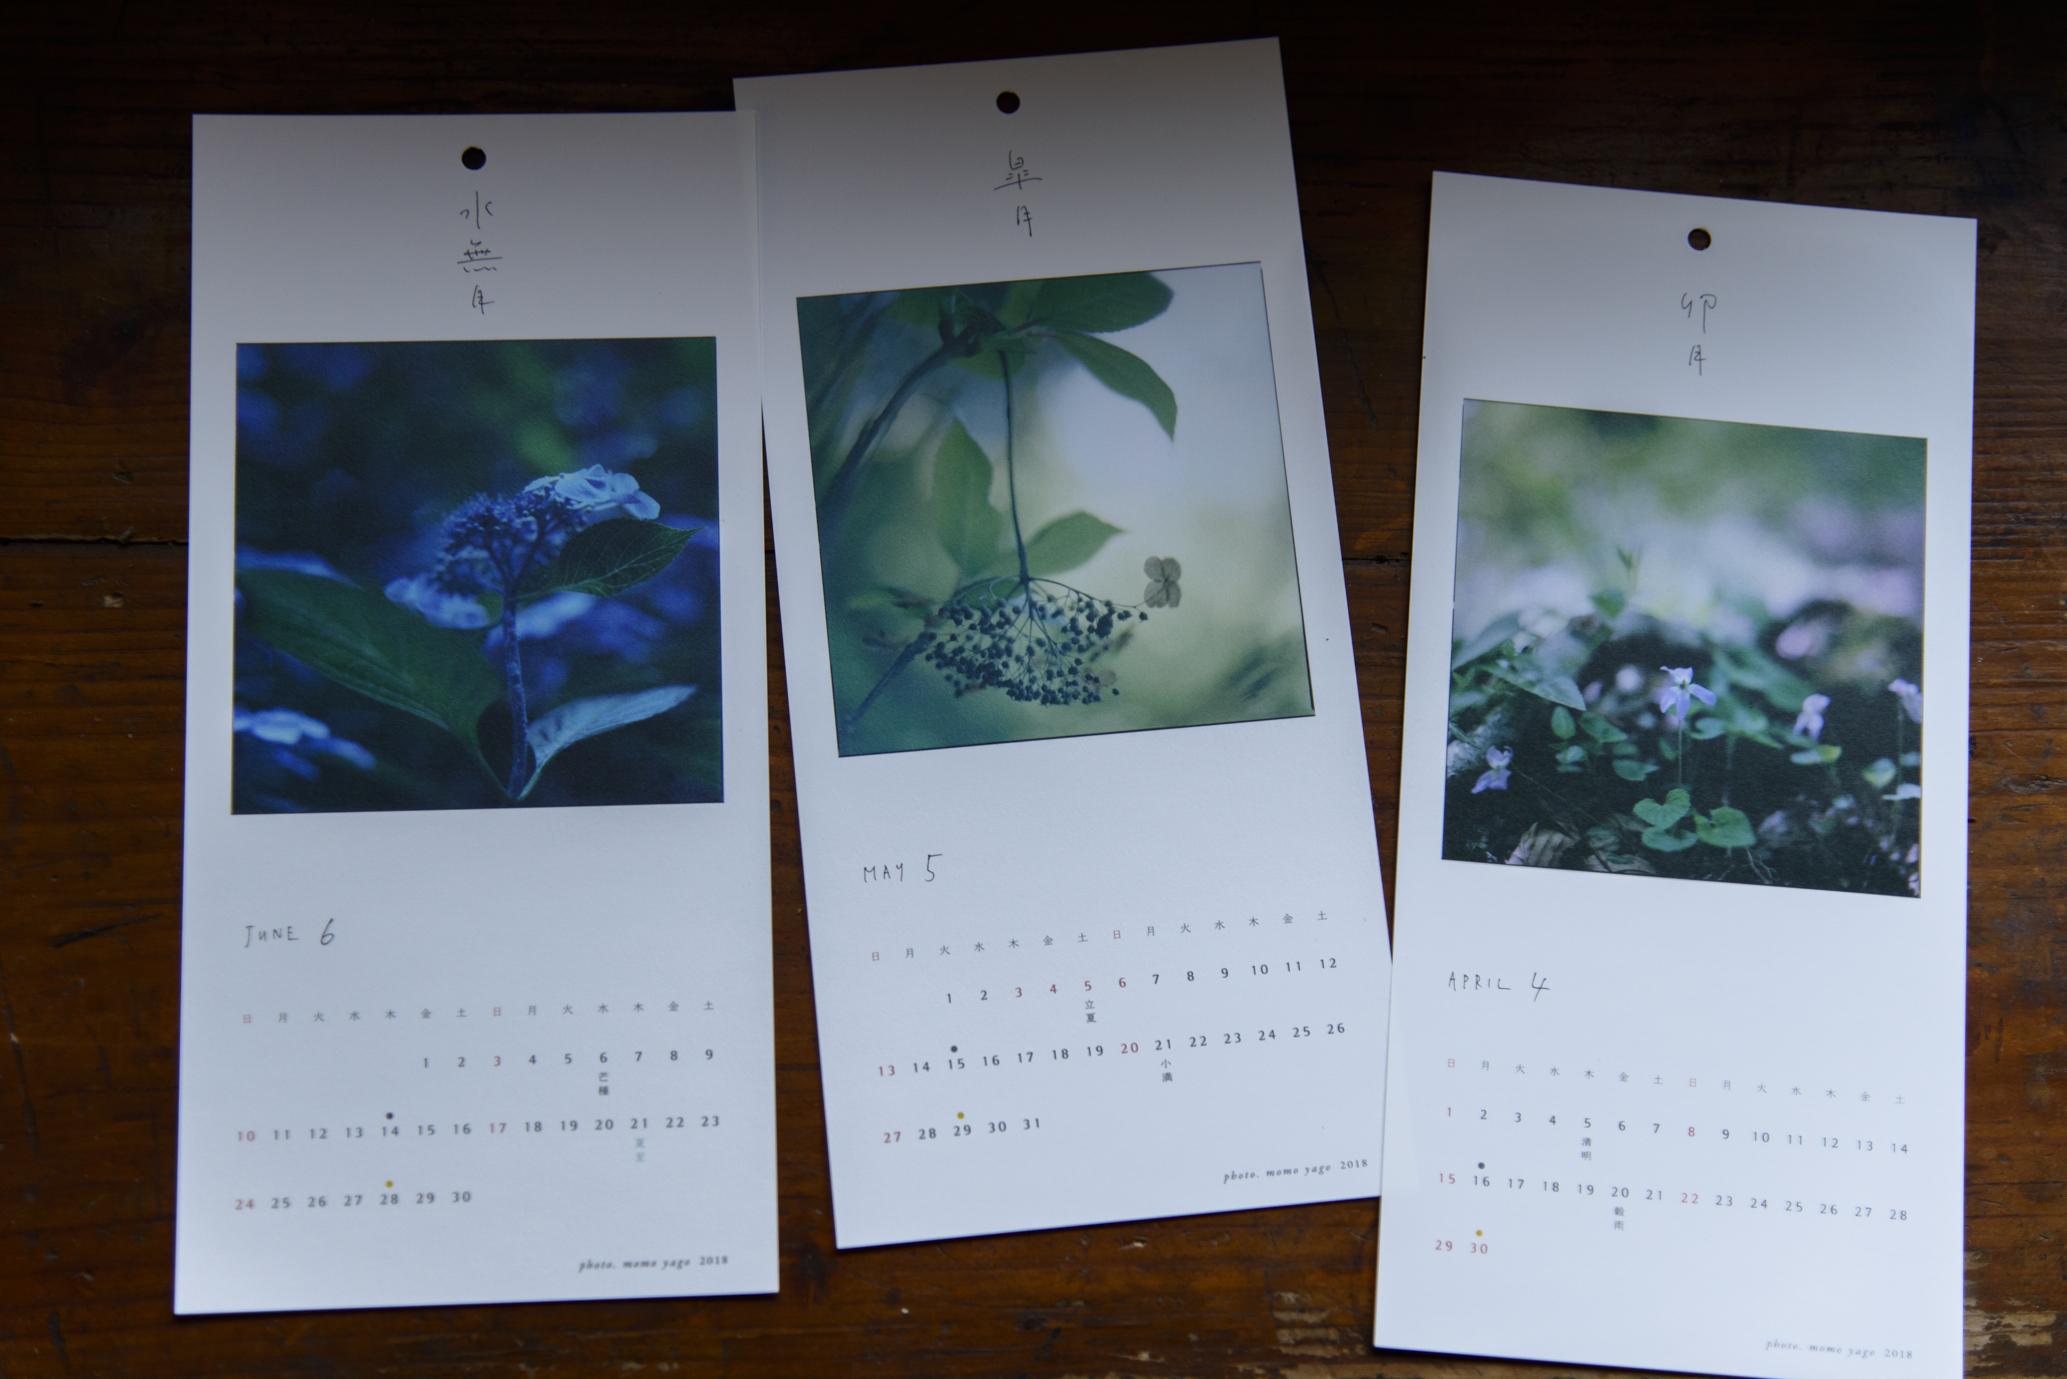 卯月 / 四月 スミレ、皐月 / 五月 枯れたアジサイ、水無月 / 六月 アジサイ